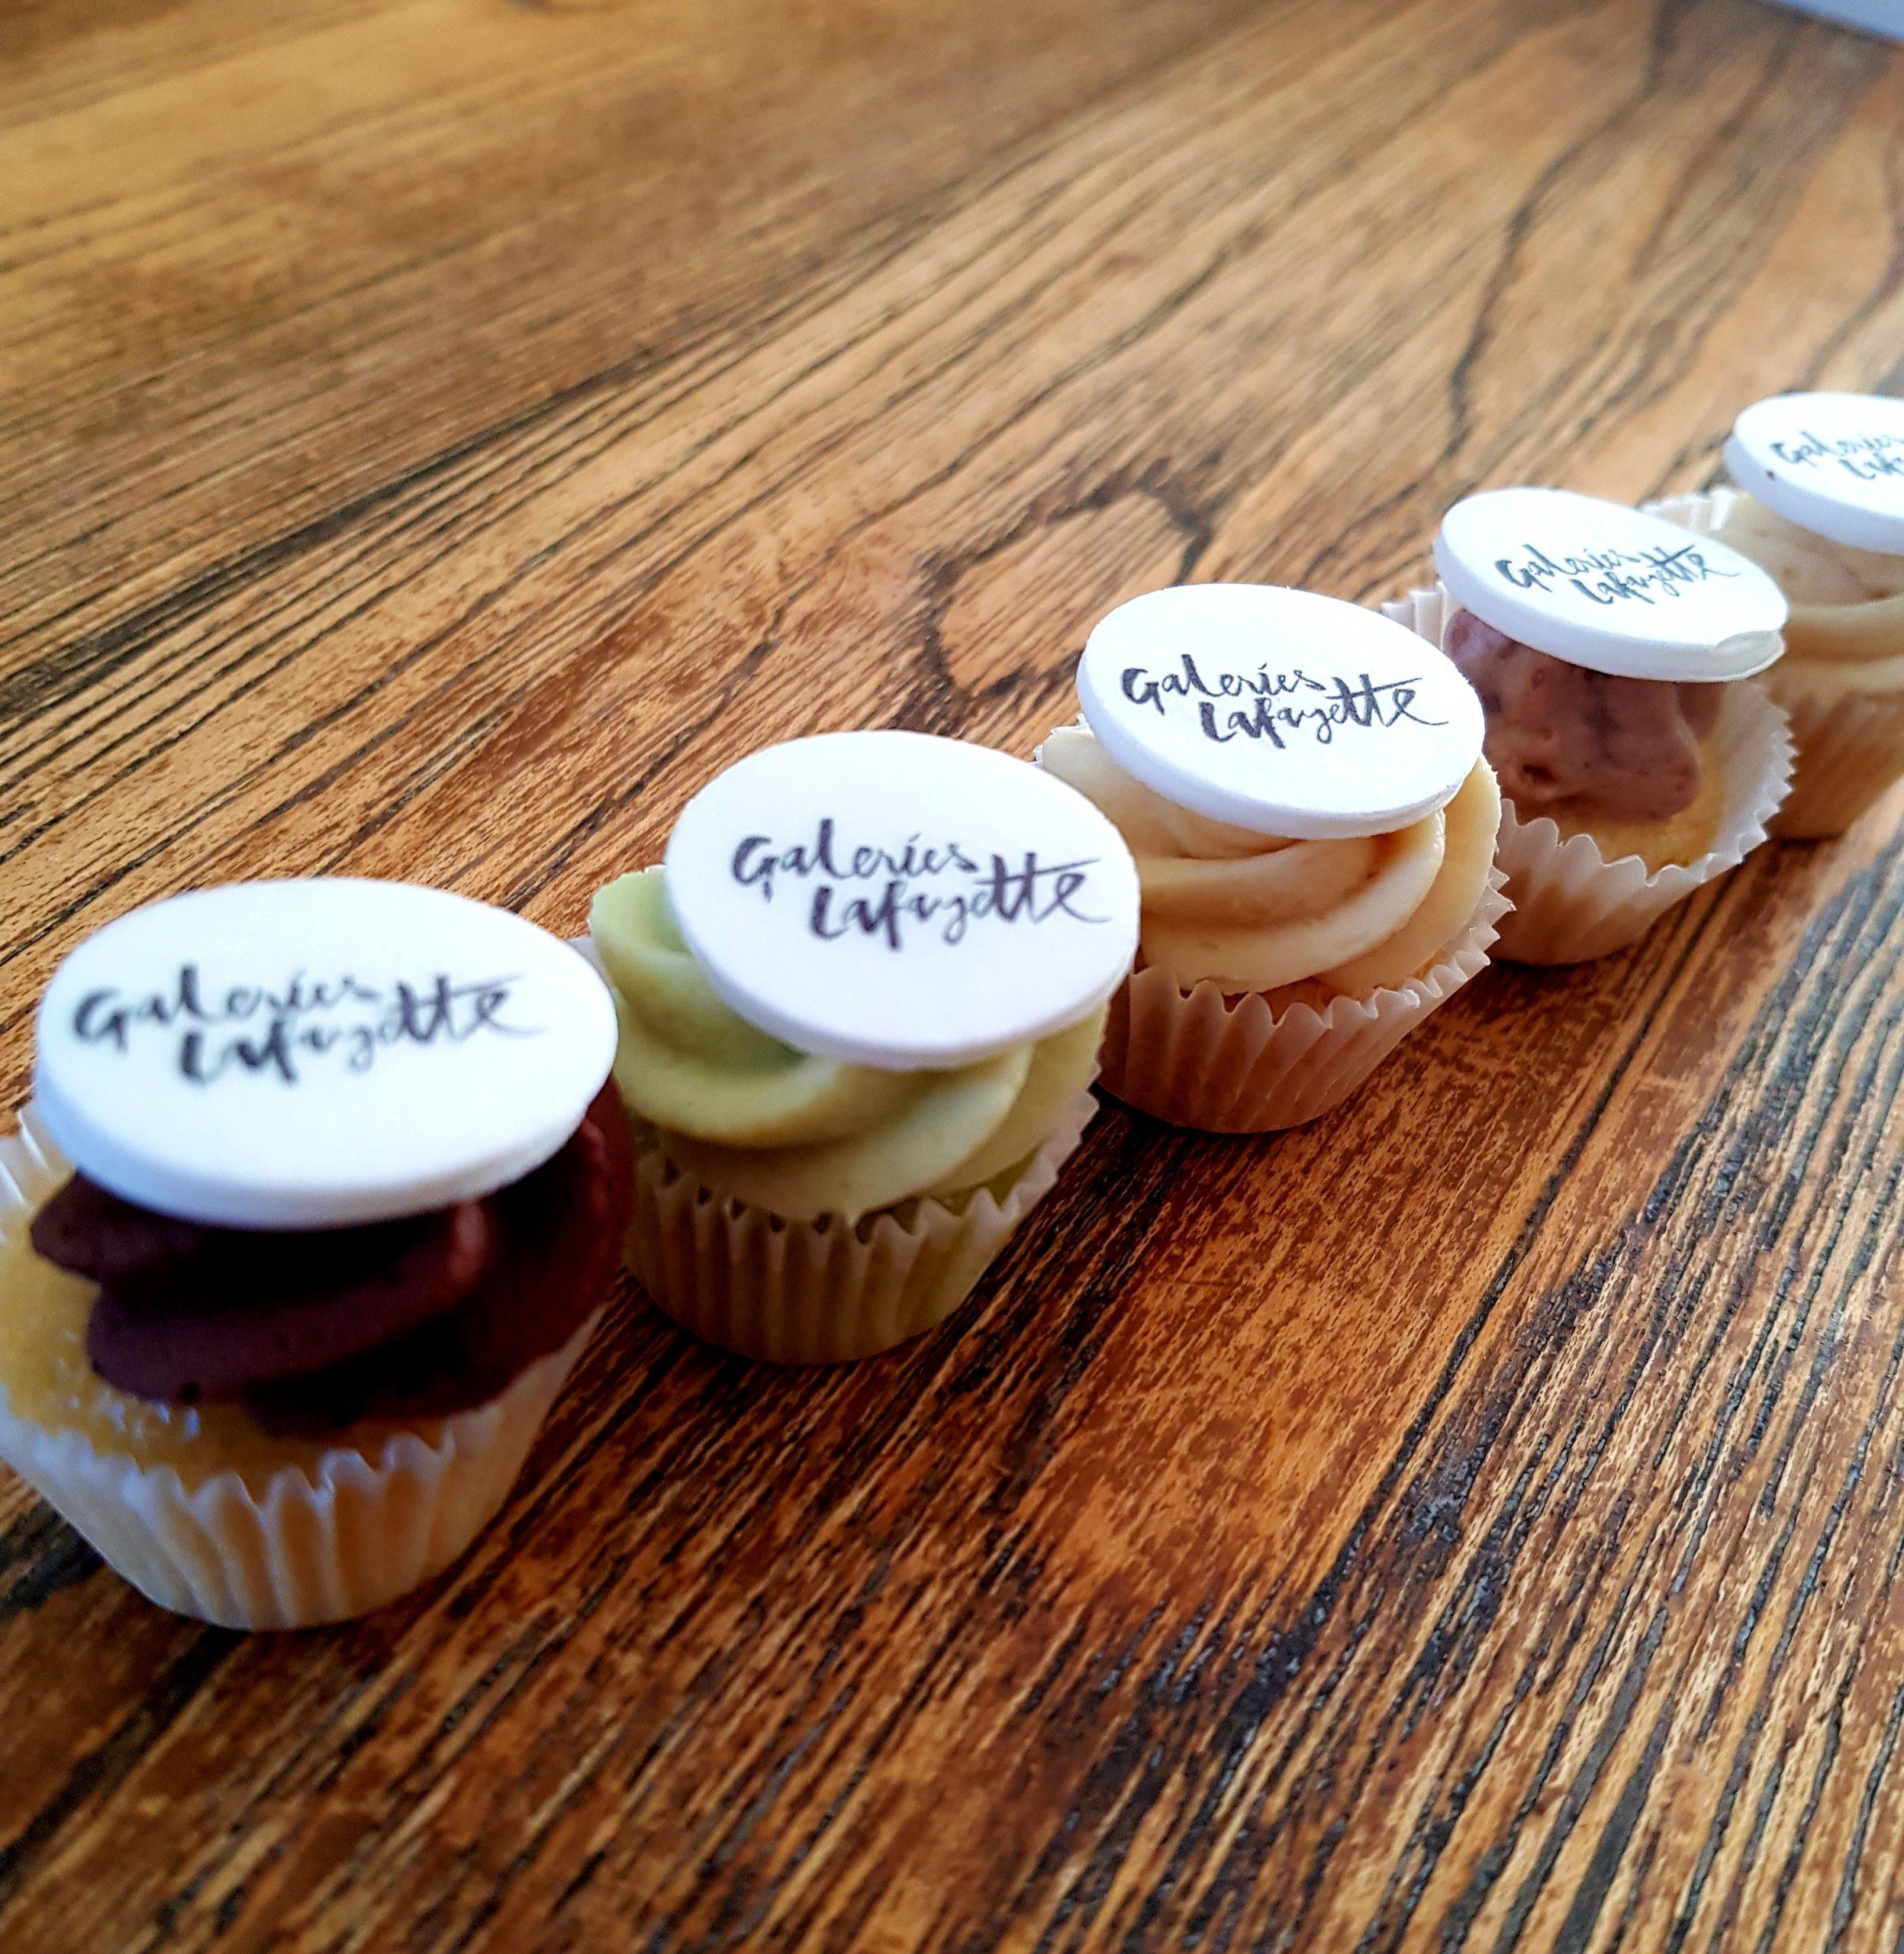 Cupcakes pour les galeries lafayette2